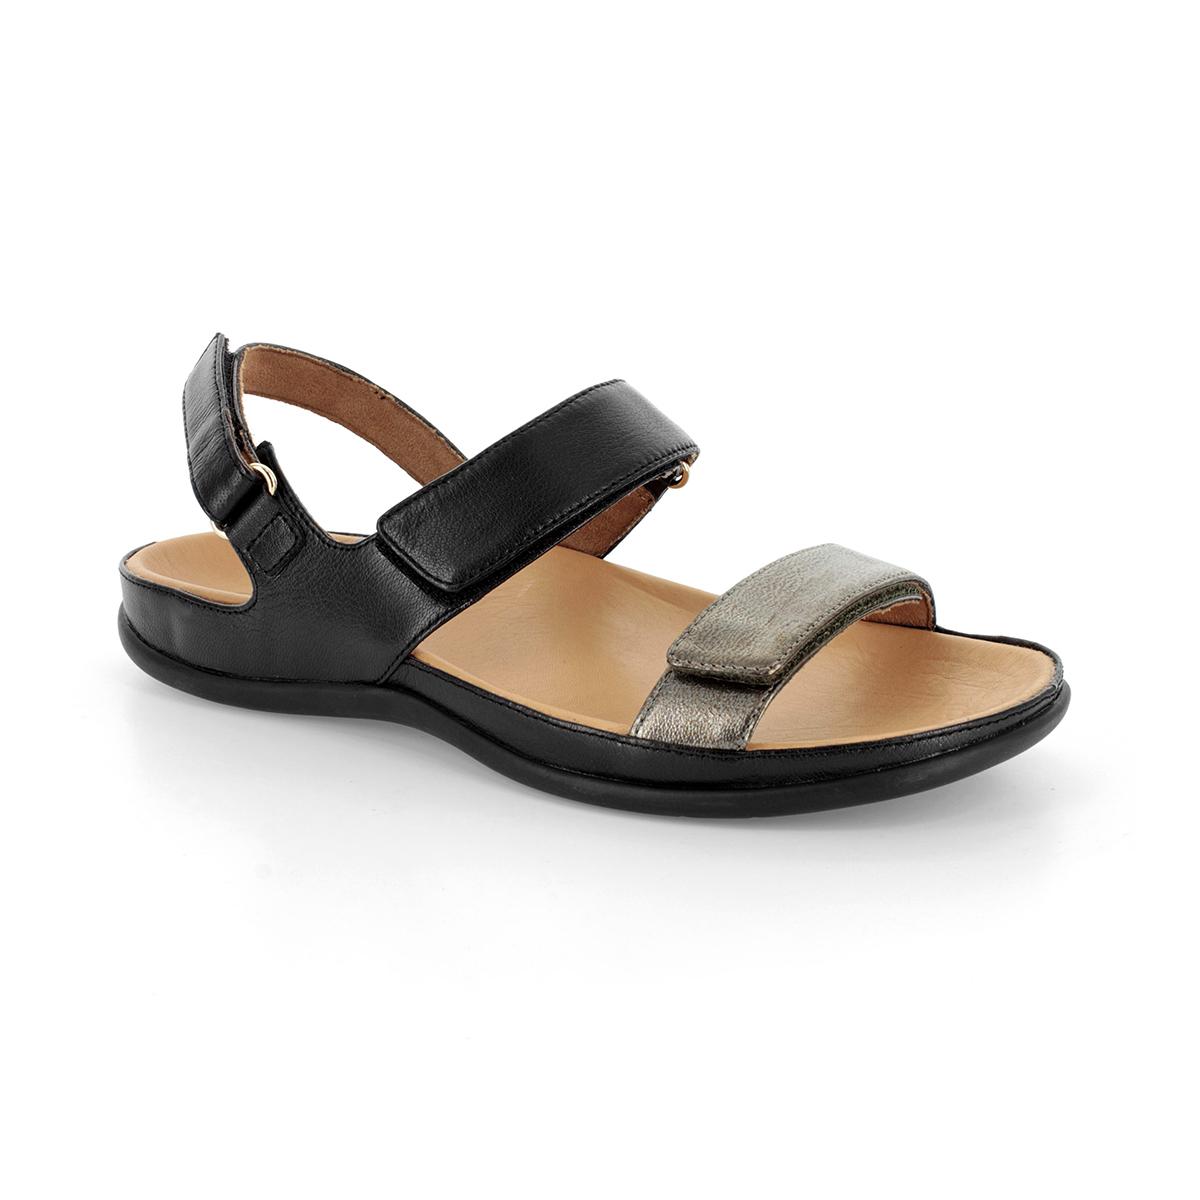 スニーカー感覚で歩き回れる「サンダル」|KONA (24-24.5cm) 独自開発の立体インソールで、スニーカーみたいに歩き回れる「サンダル」|strive